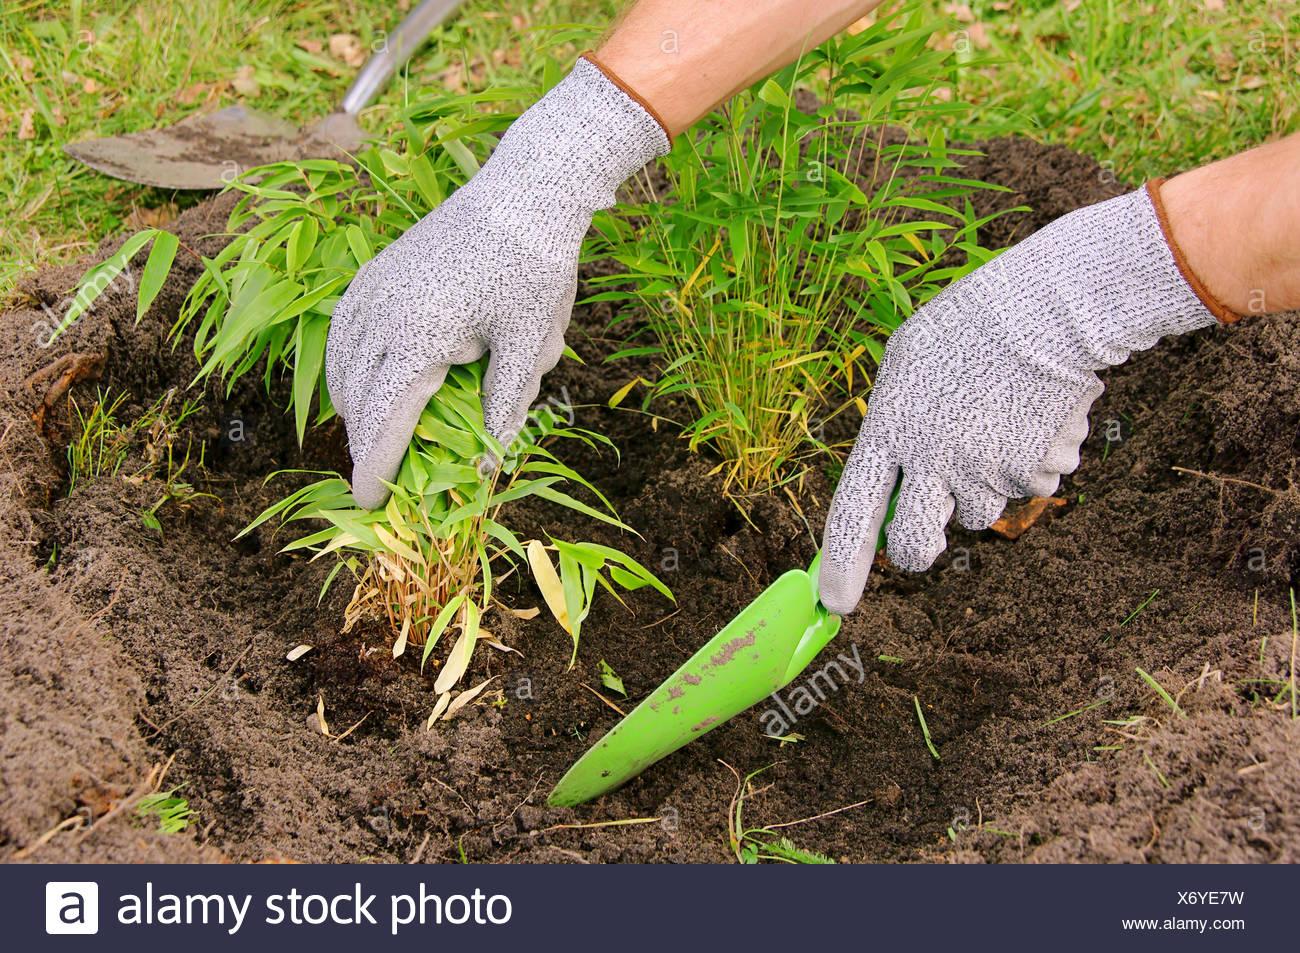 Bambus Richtig Pflanzen Kletterrosen Richtig Schneiden Quelle